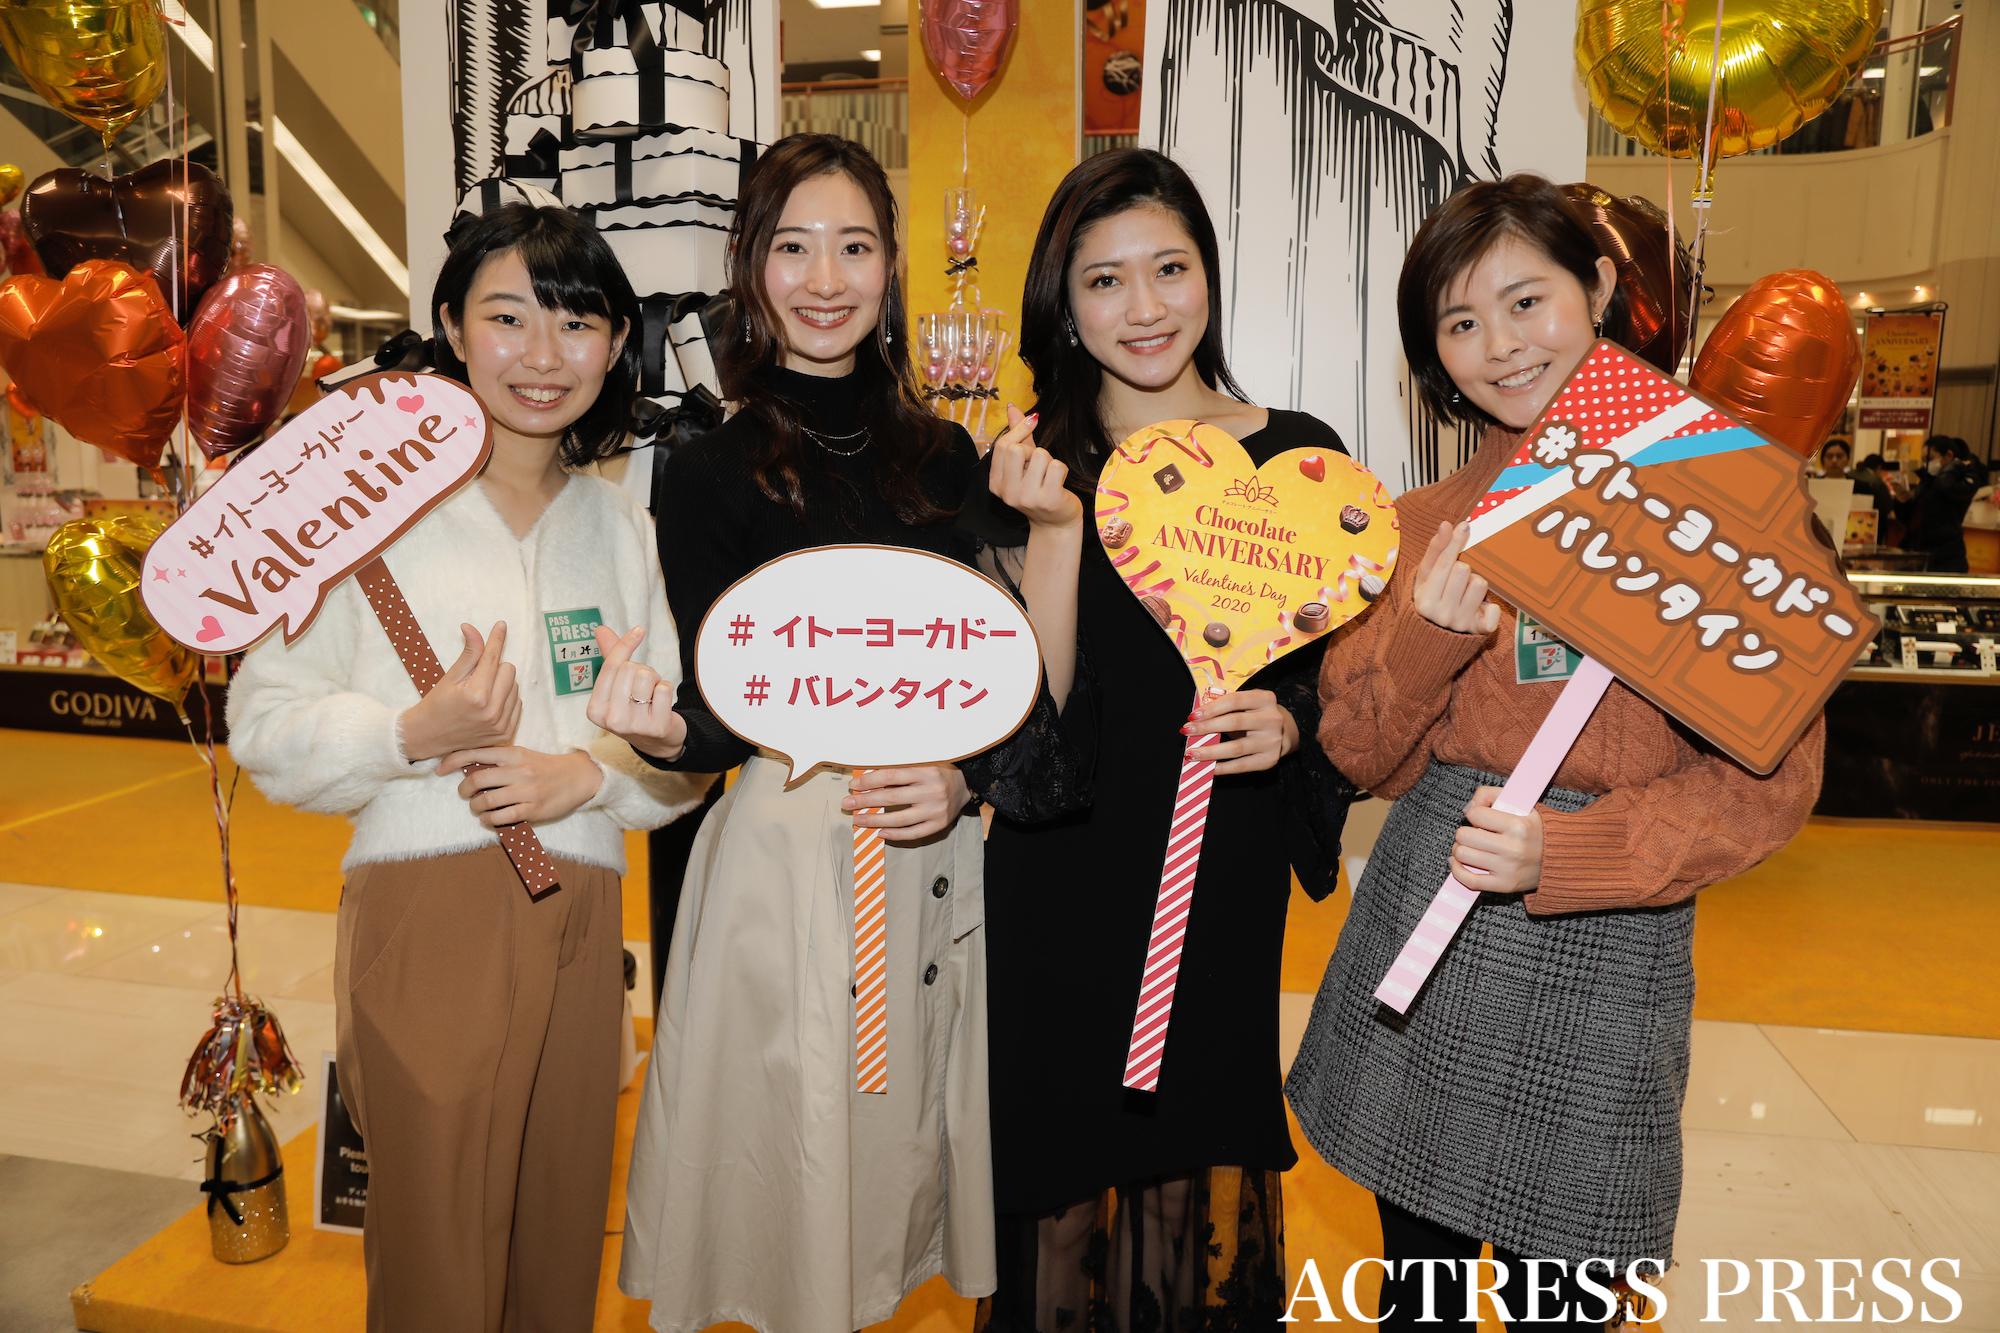 2020年1月24日、イトーヨーカドー葛西店のバレンタインイベントにて/撮影:ACTRESS PRESS編集部